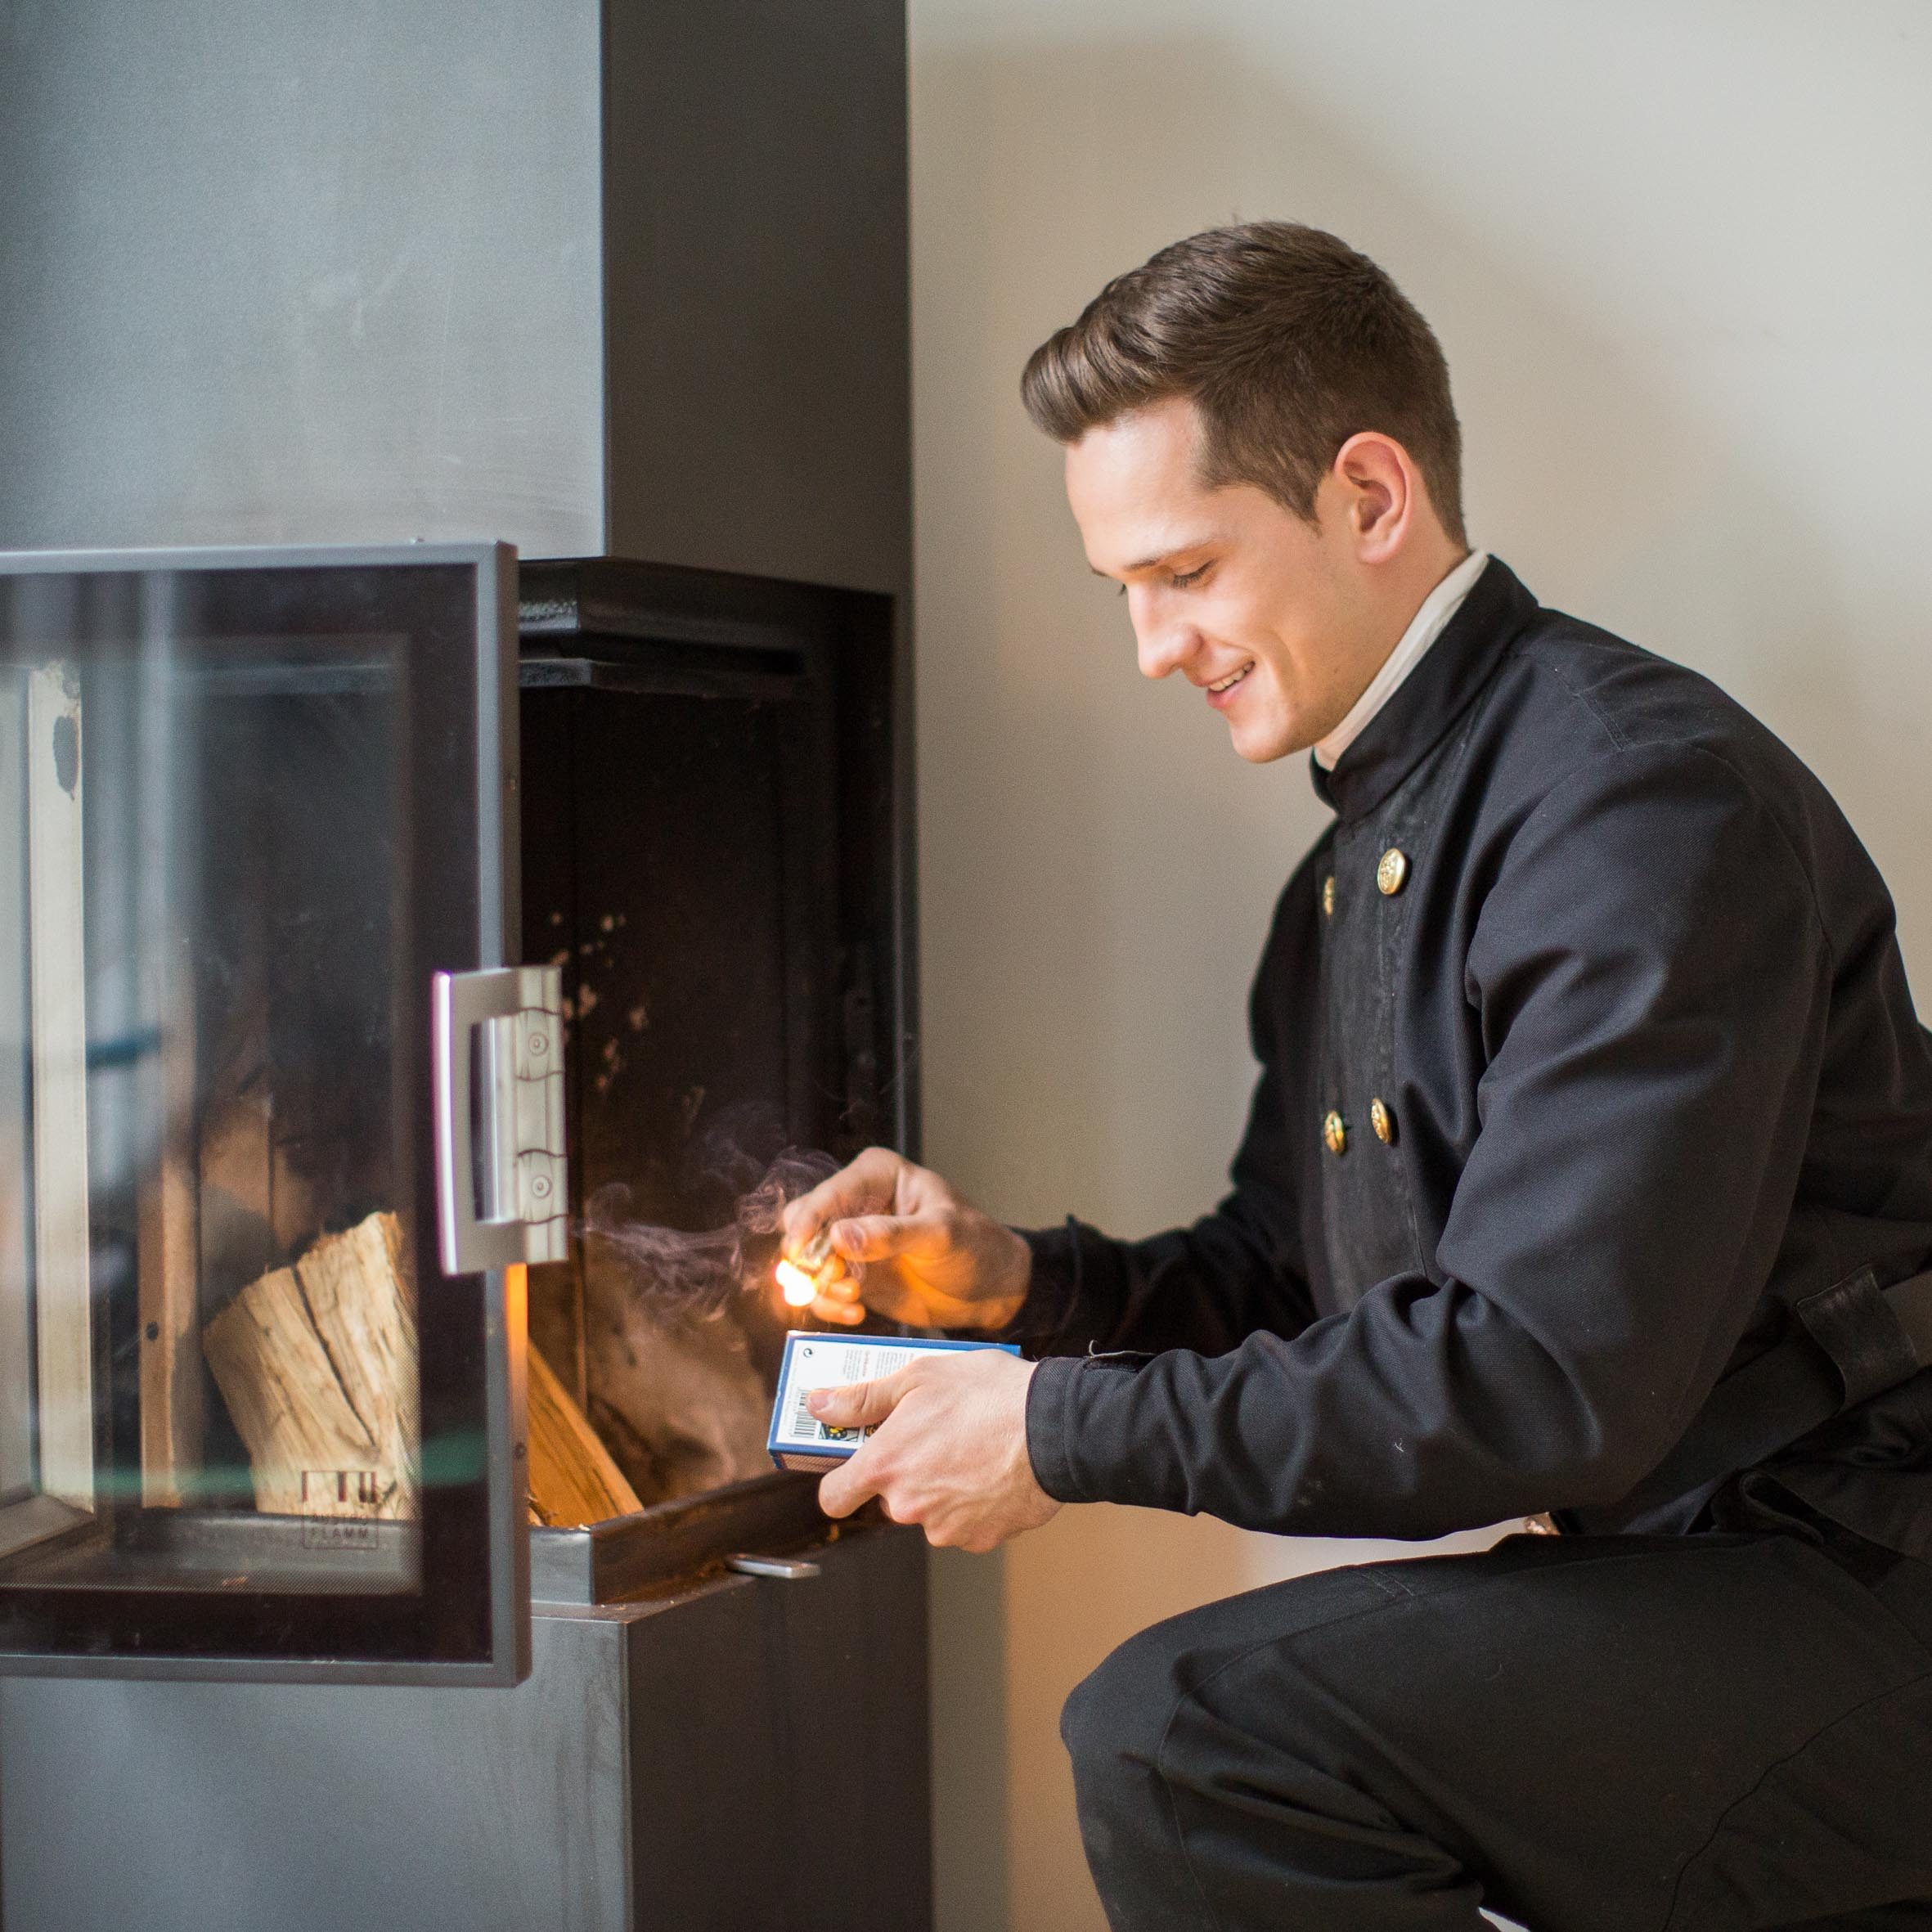 startseite bundesverband des schornsteinfegerhandwerks. Black Bedroom Furniture Sets. Home Design Ideas